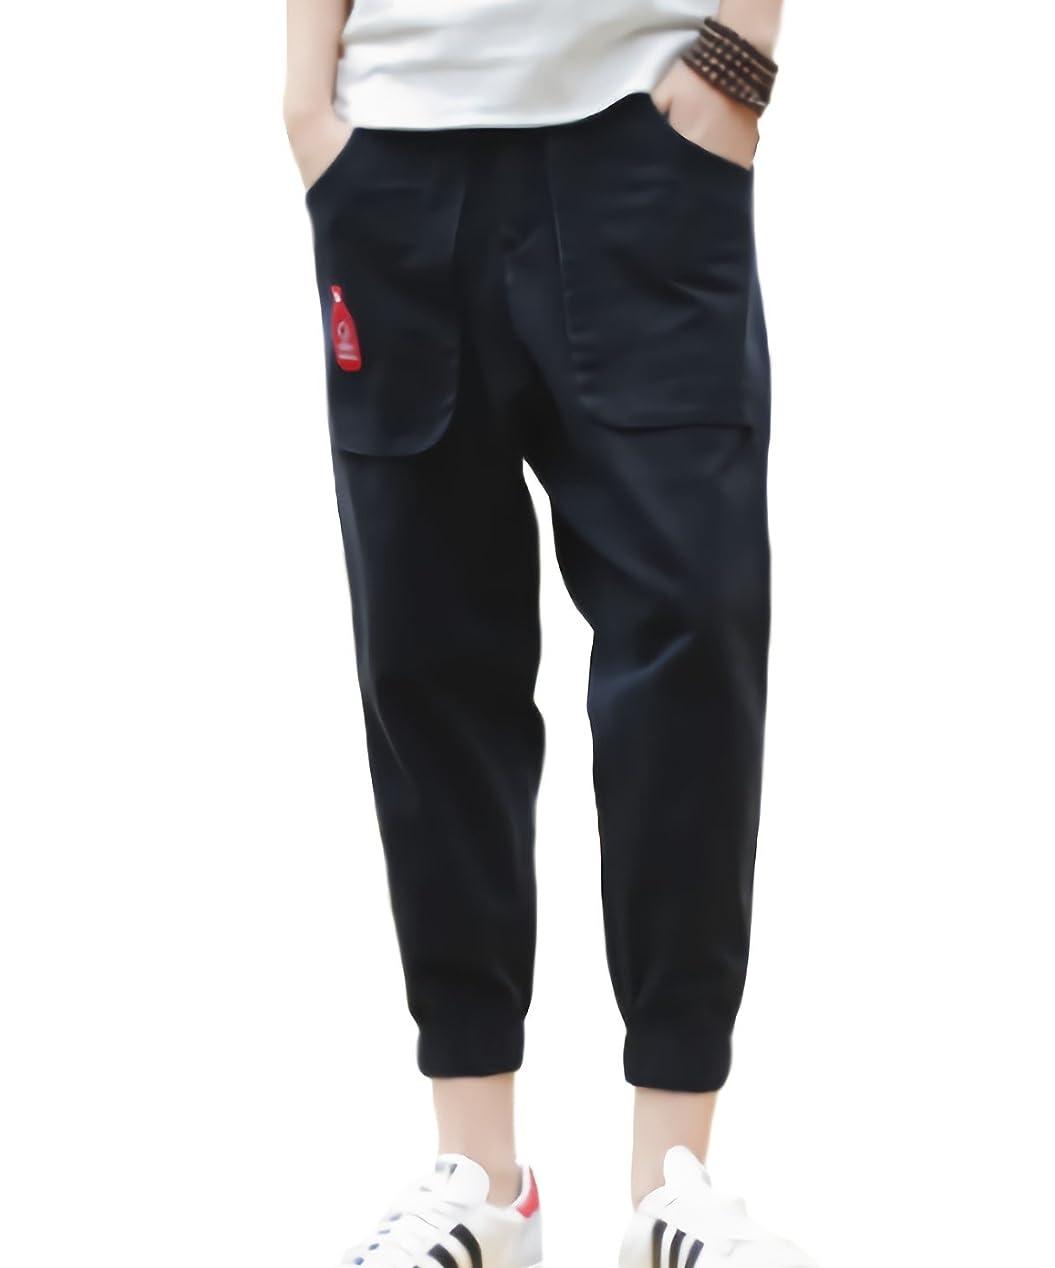 ワーディアンケーステニス男やもめ[アンネ パリ] カーゴ 7分丈 クロップド パンツ ジョガーパンツ ワーク ボトムス カジュアル